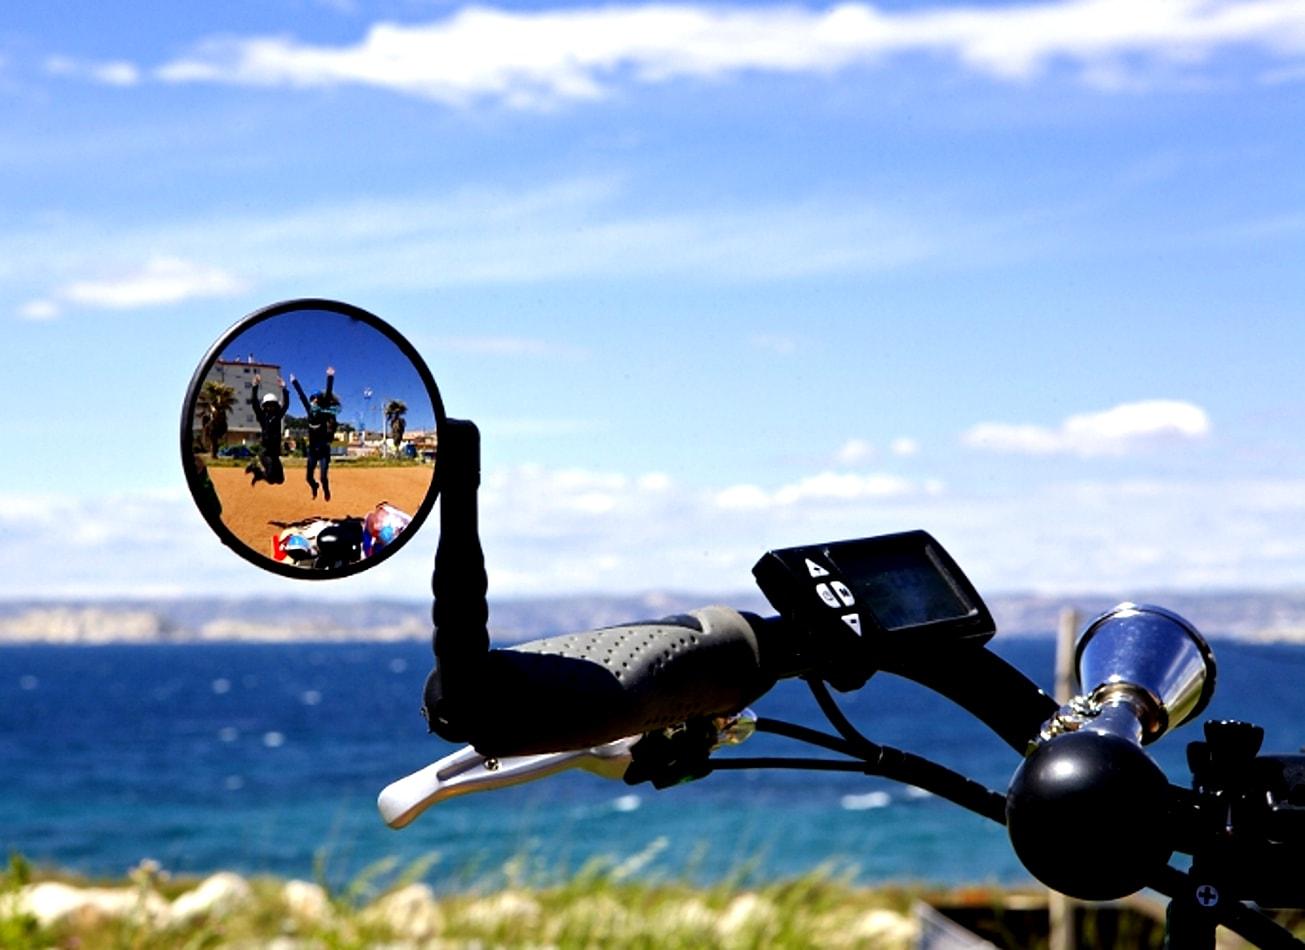 visite guidée vélo électrique marseille vimigo activites